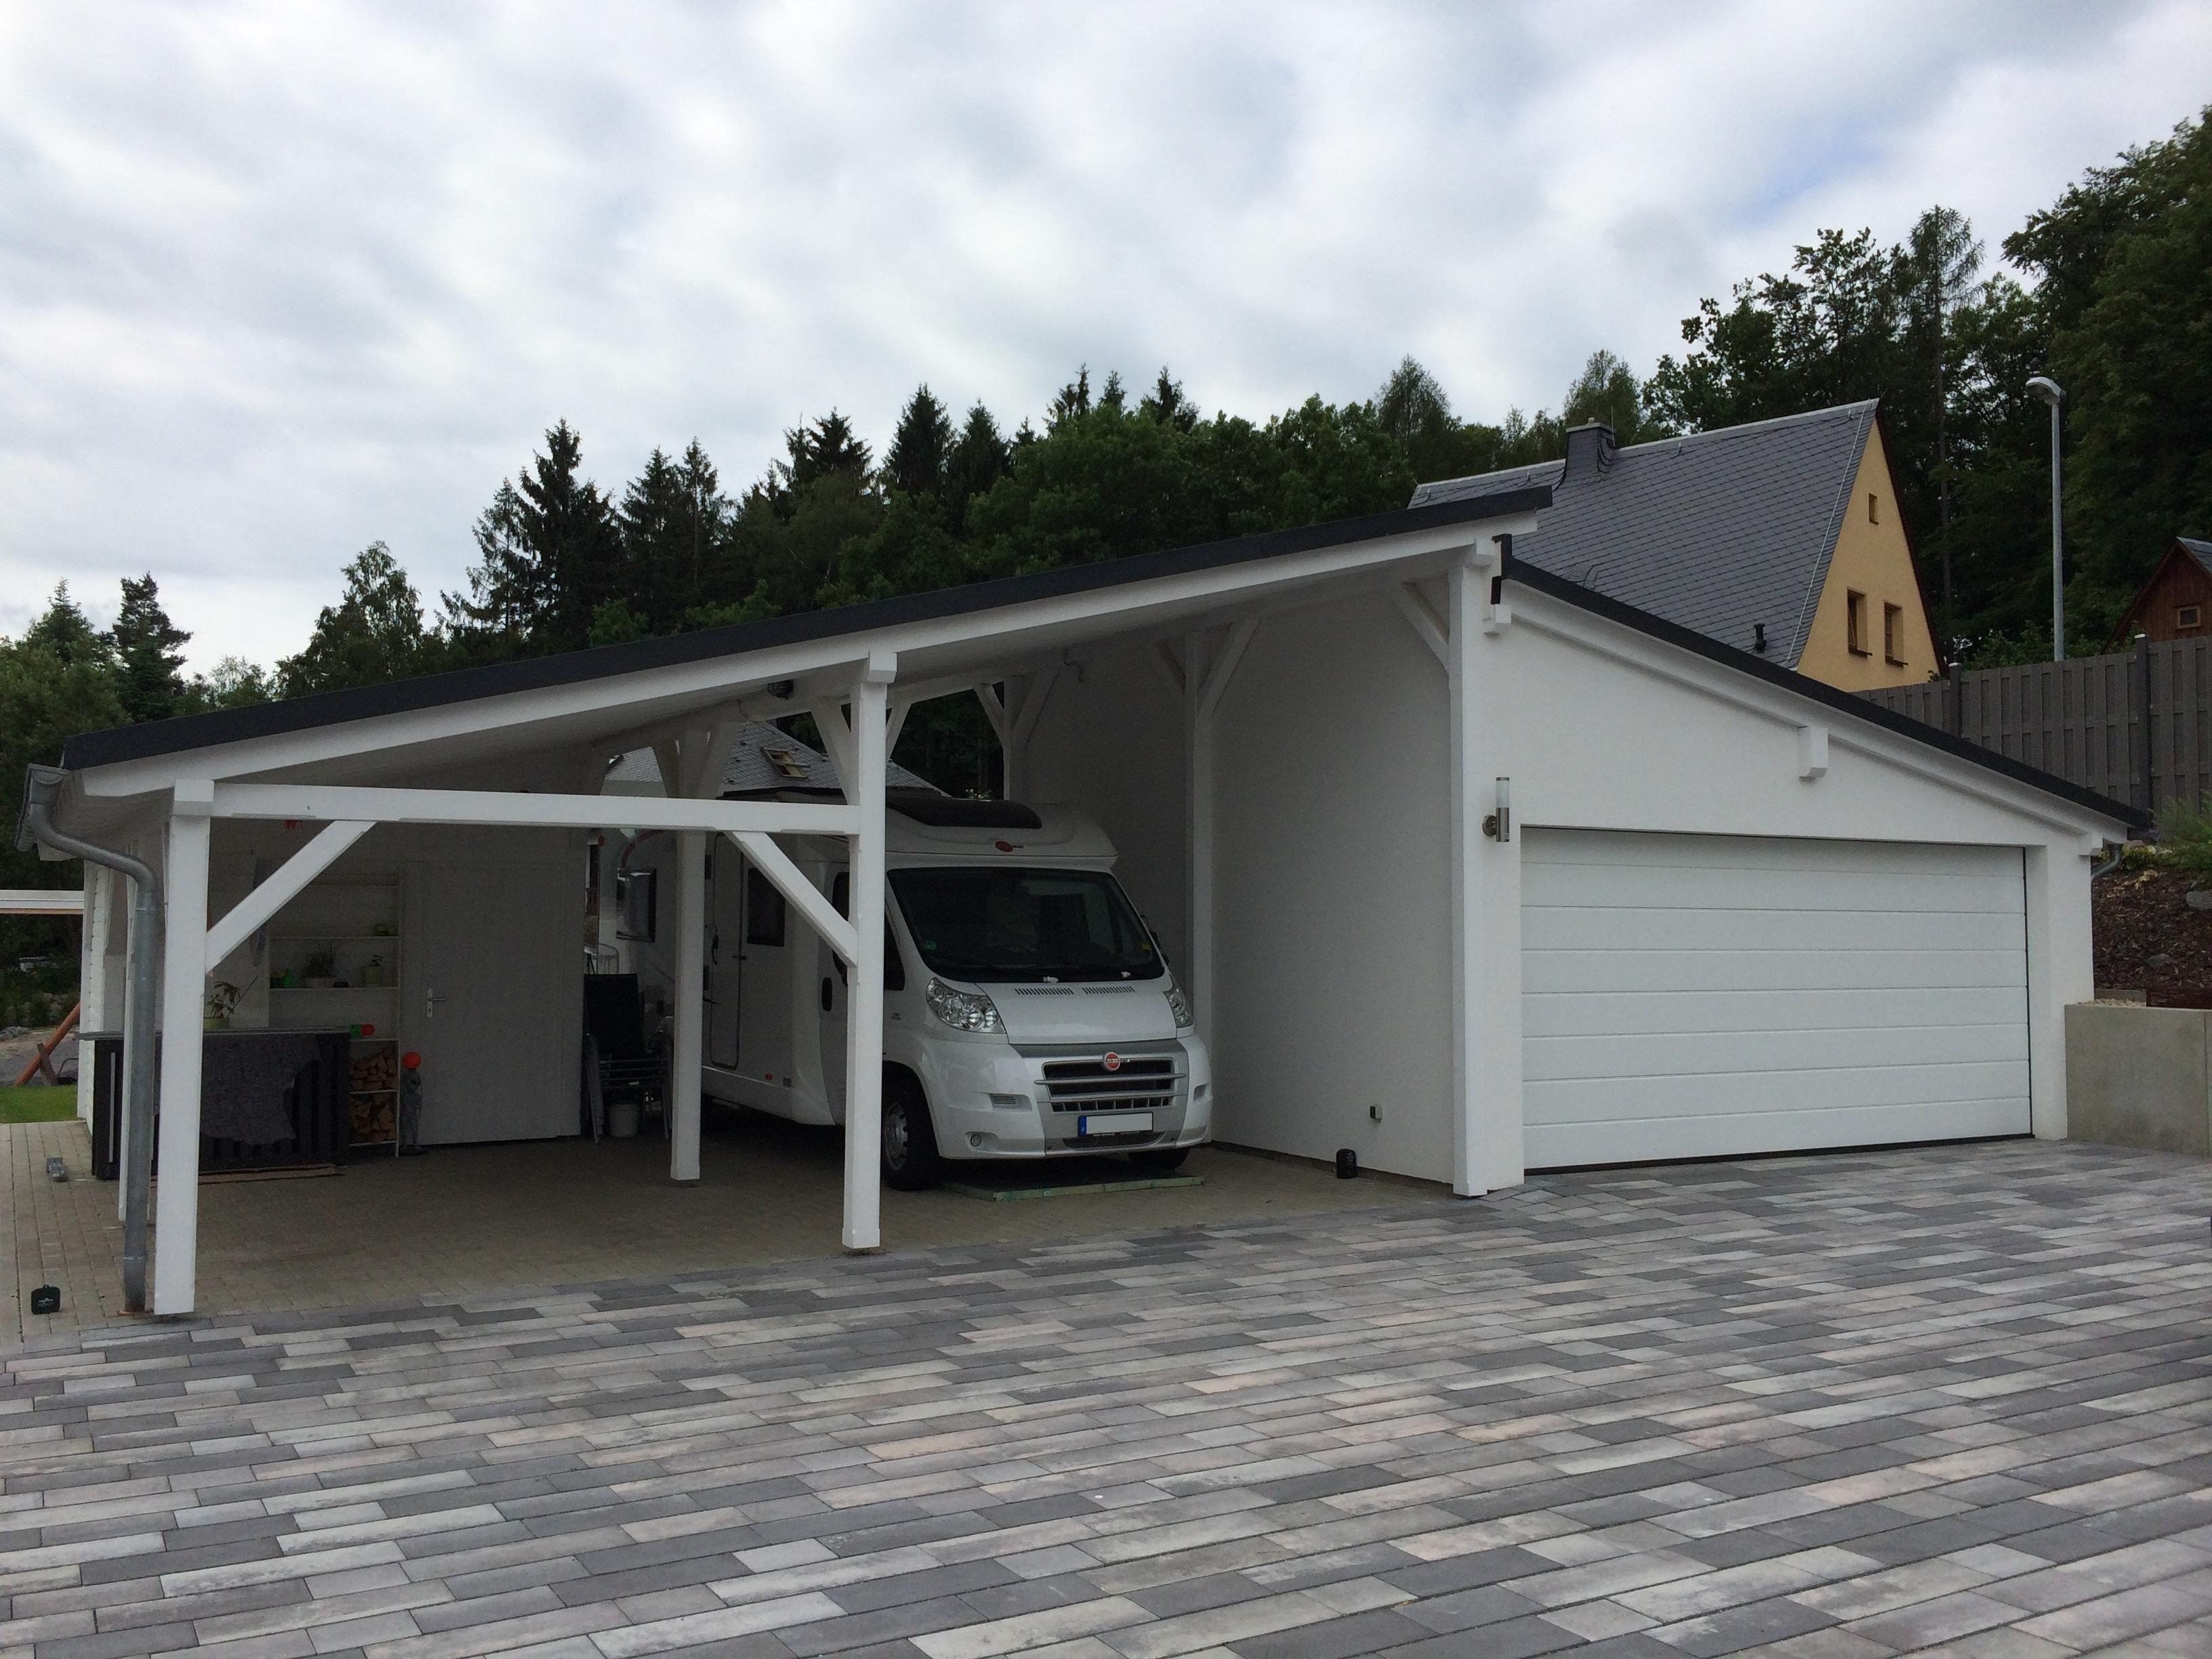 https://www.carport-holzbau.de/wp-content/uploads/Foto.jpg